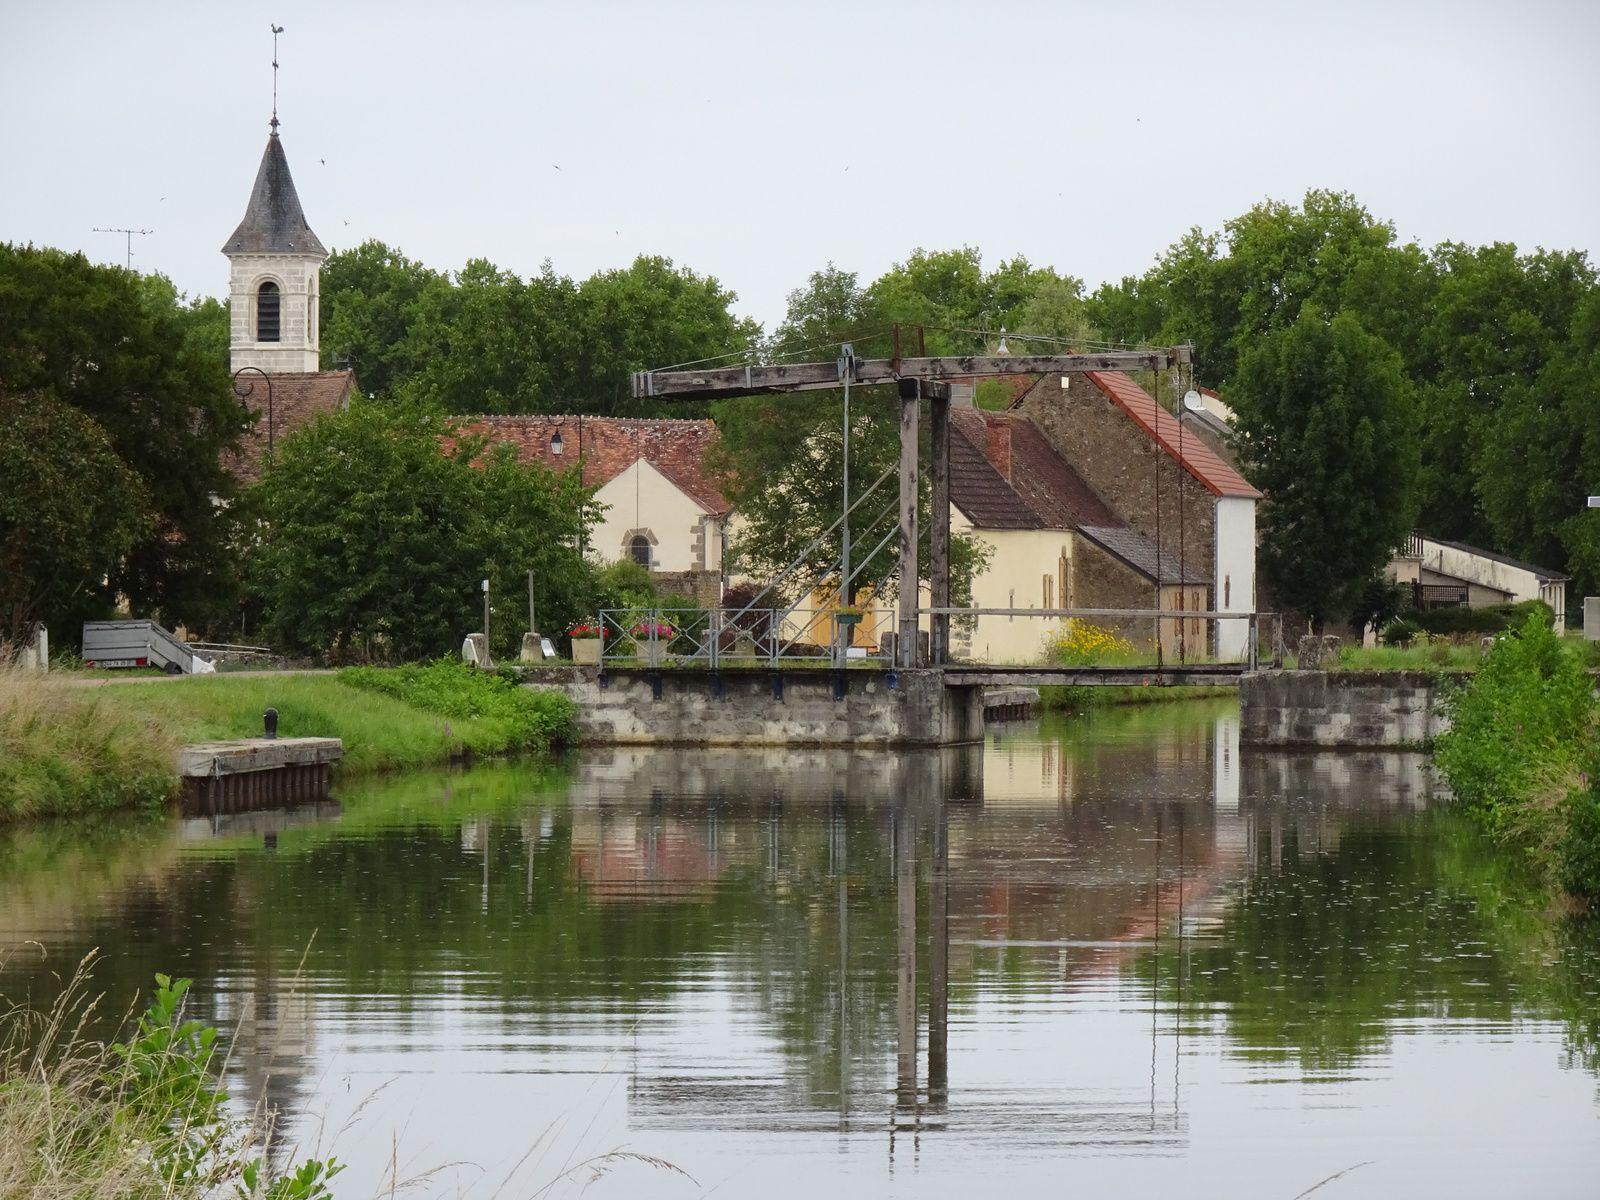 Le Tour de Bourgogne - Etape 9 - Ruages/Accolay - 70,7 km